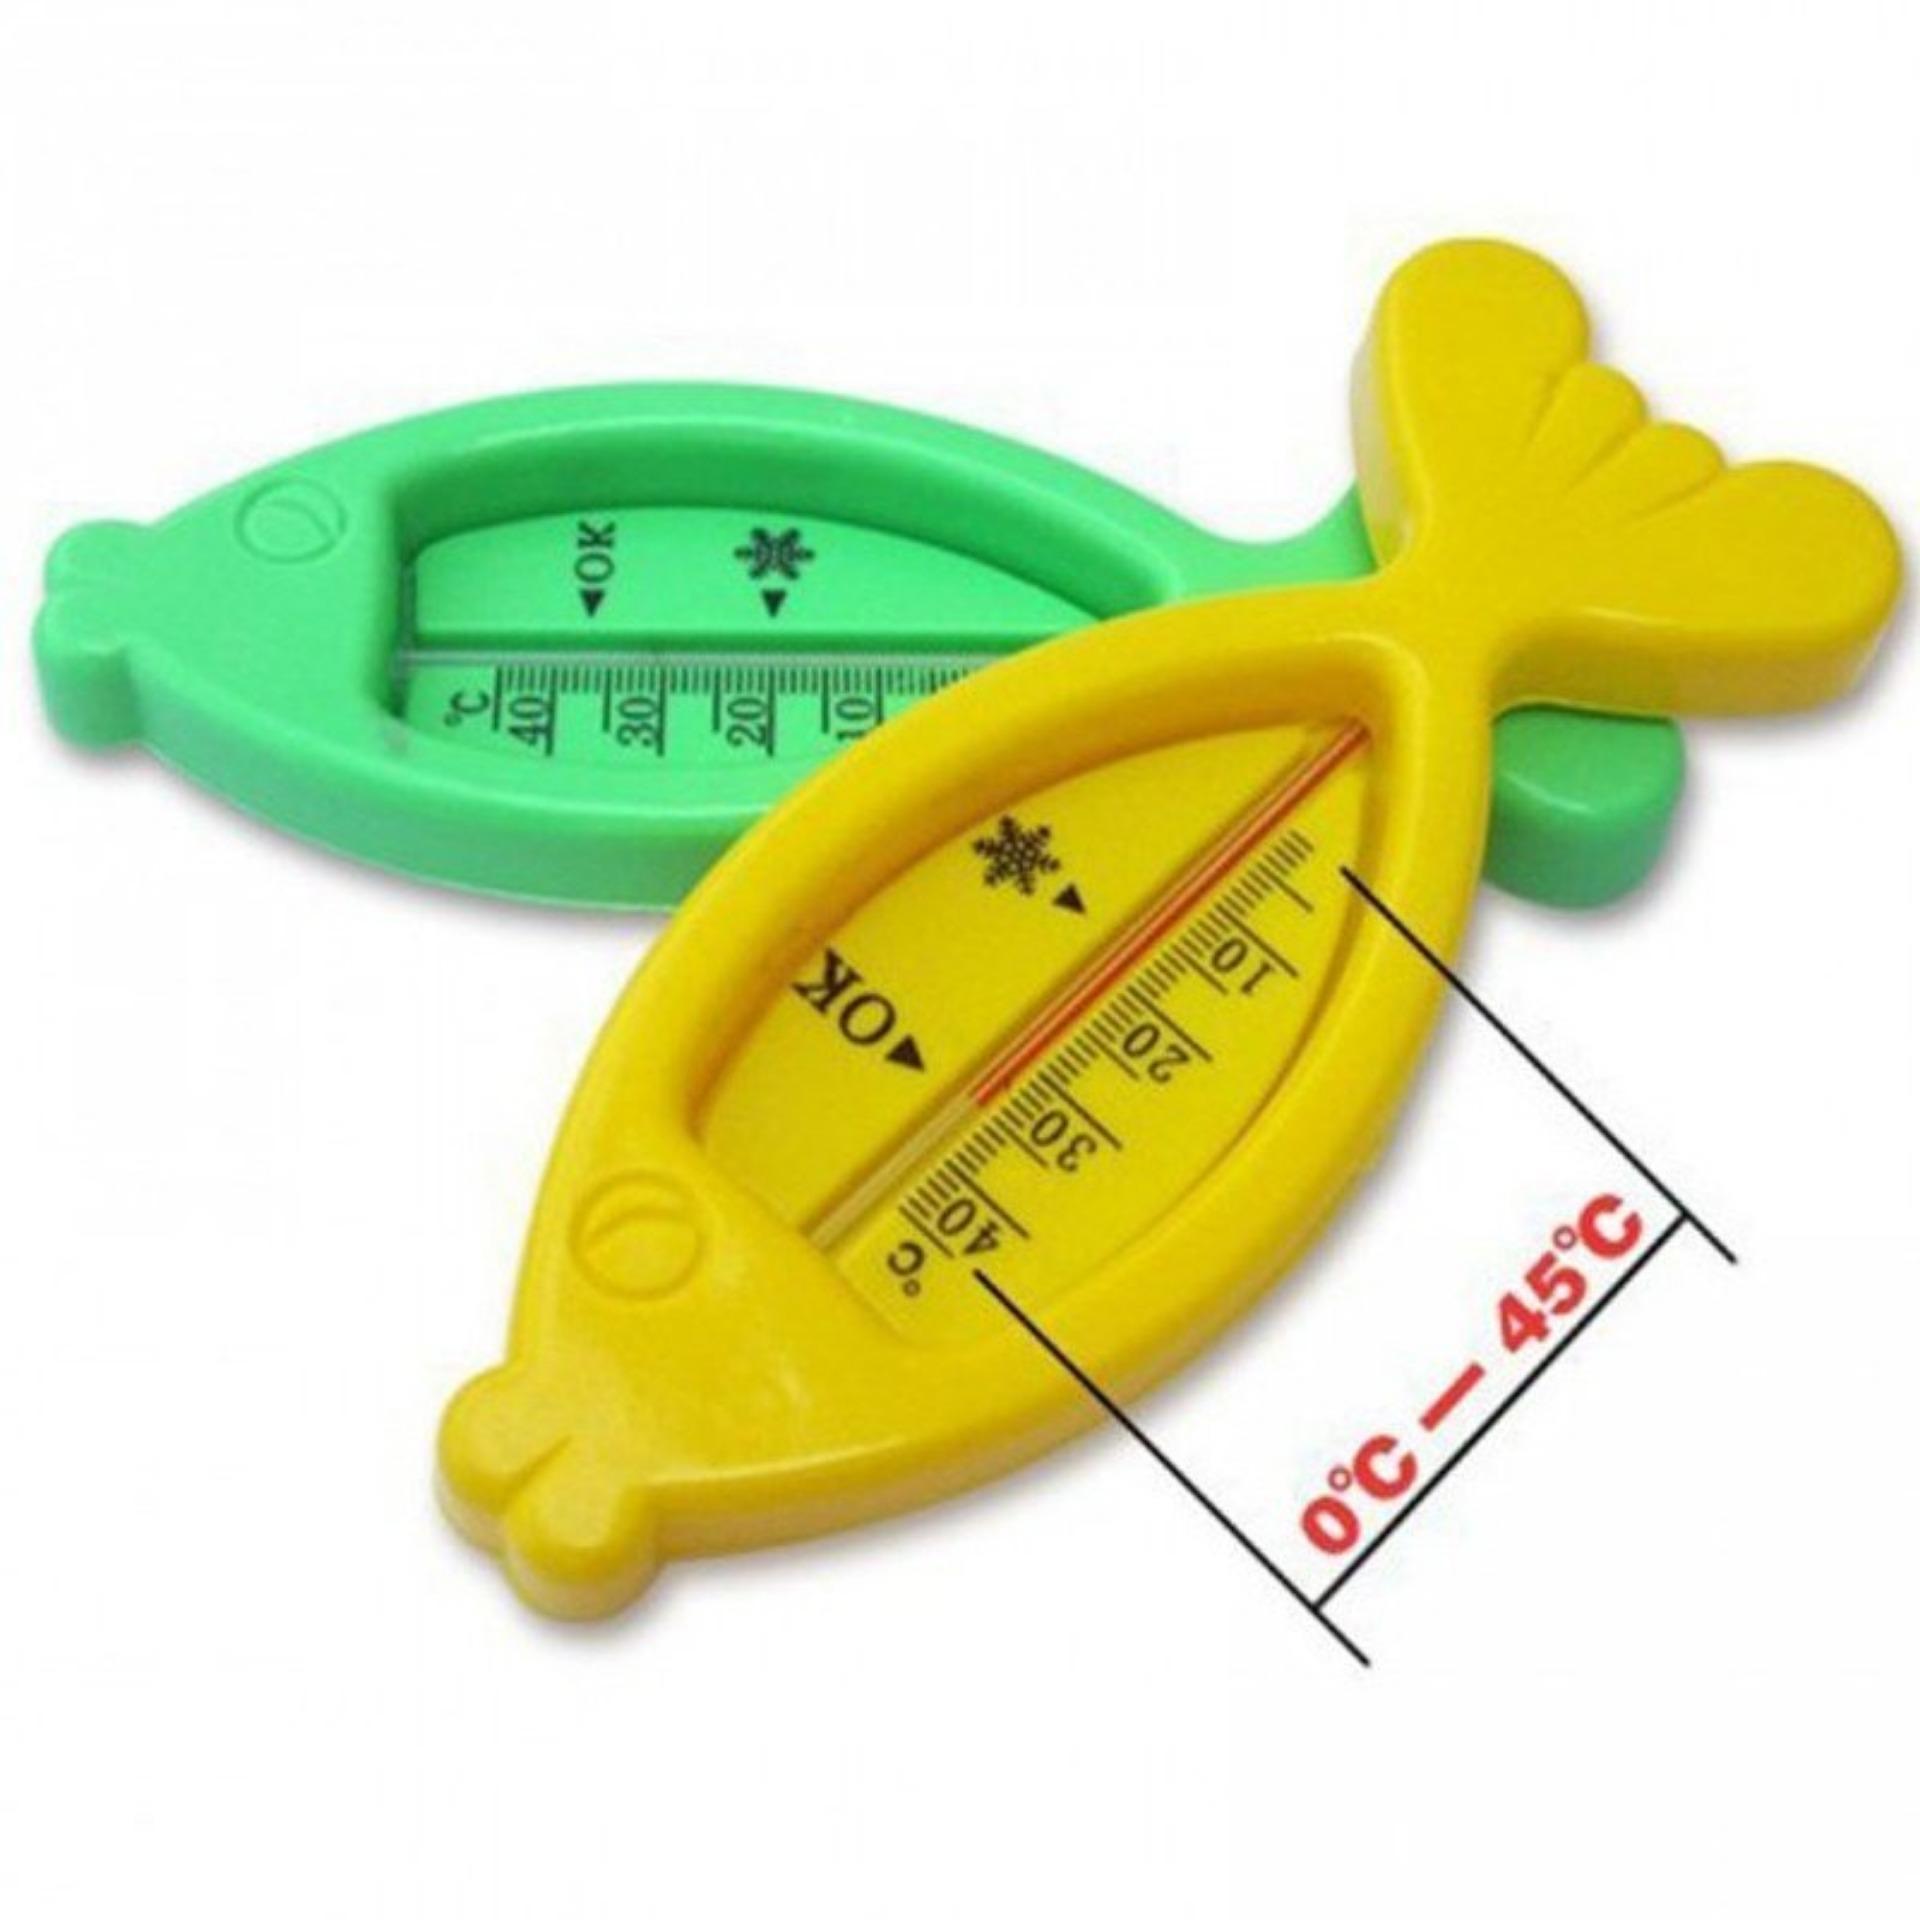 Hình ảnh Nhiệt kế đo độ nước, sữa, thực phẩm siêu tiện dụng